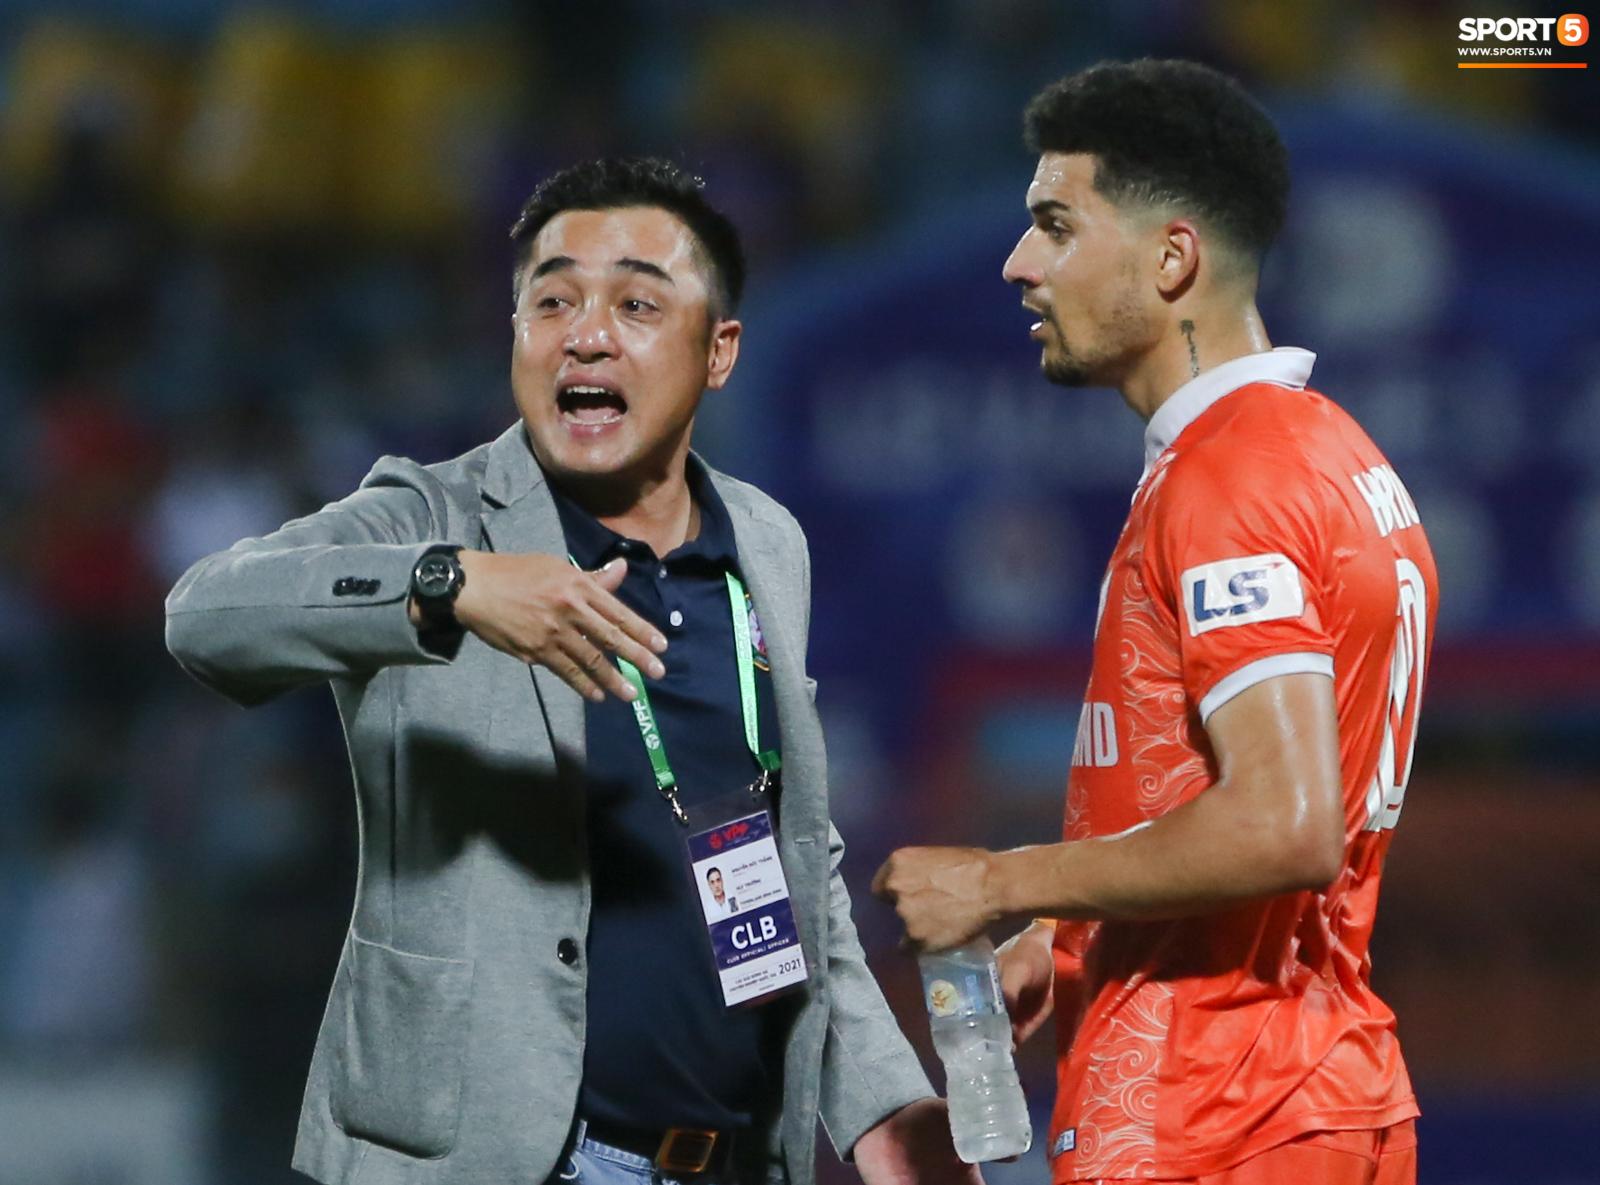 Cựu cầu thủ U16 Barca nằm sân câu giờ, bị HLV Bình Định mắng không hiểu gì về bóng đá Việt Nam - ảnh 10